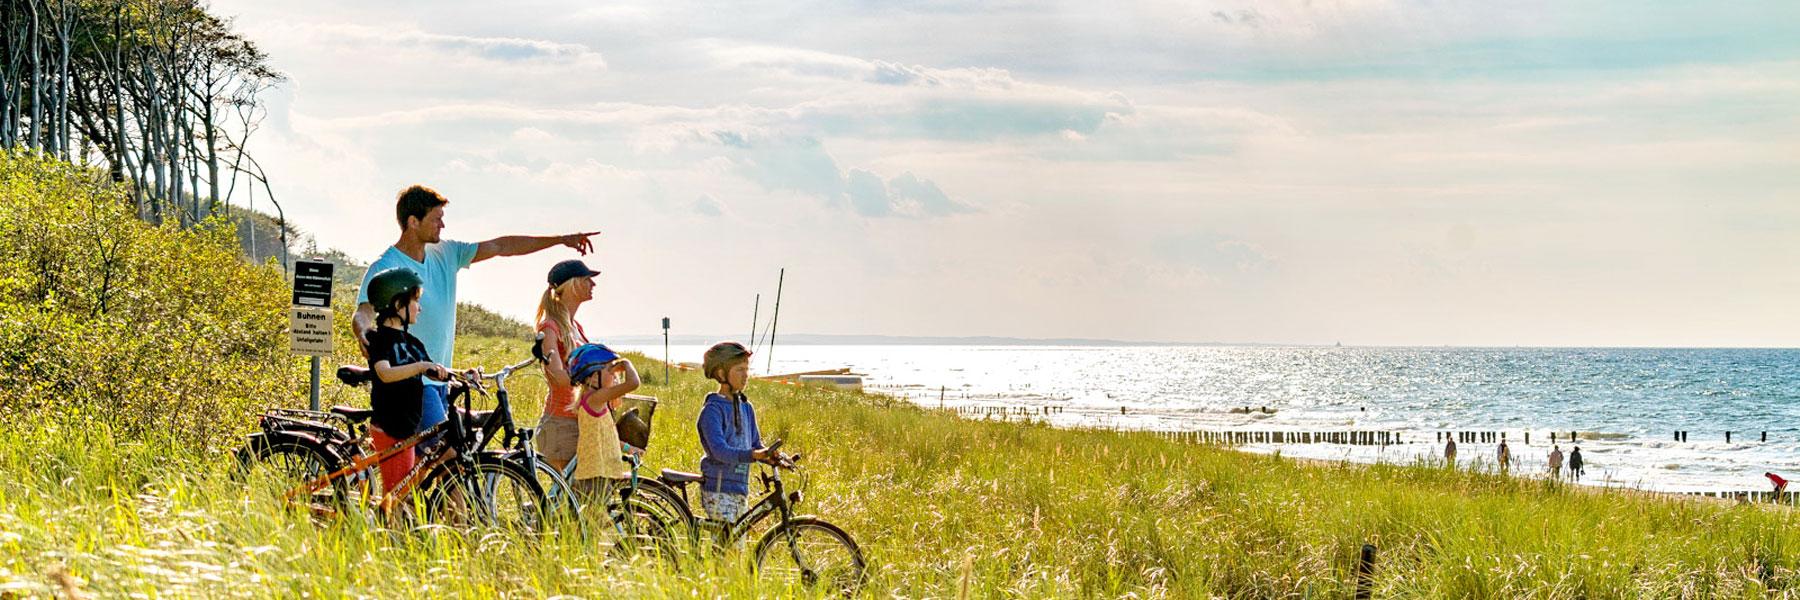 Fahrrad an der Ostsee - Ostseecamp-Ferienpark